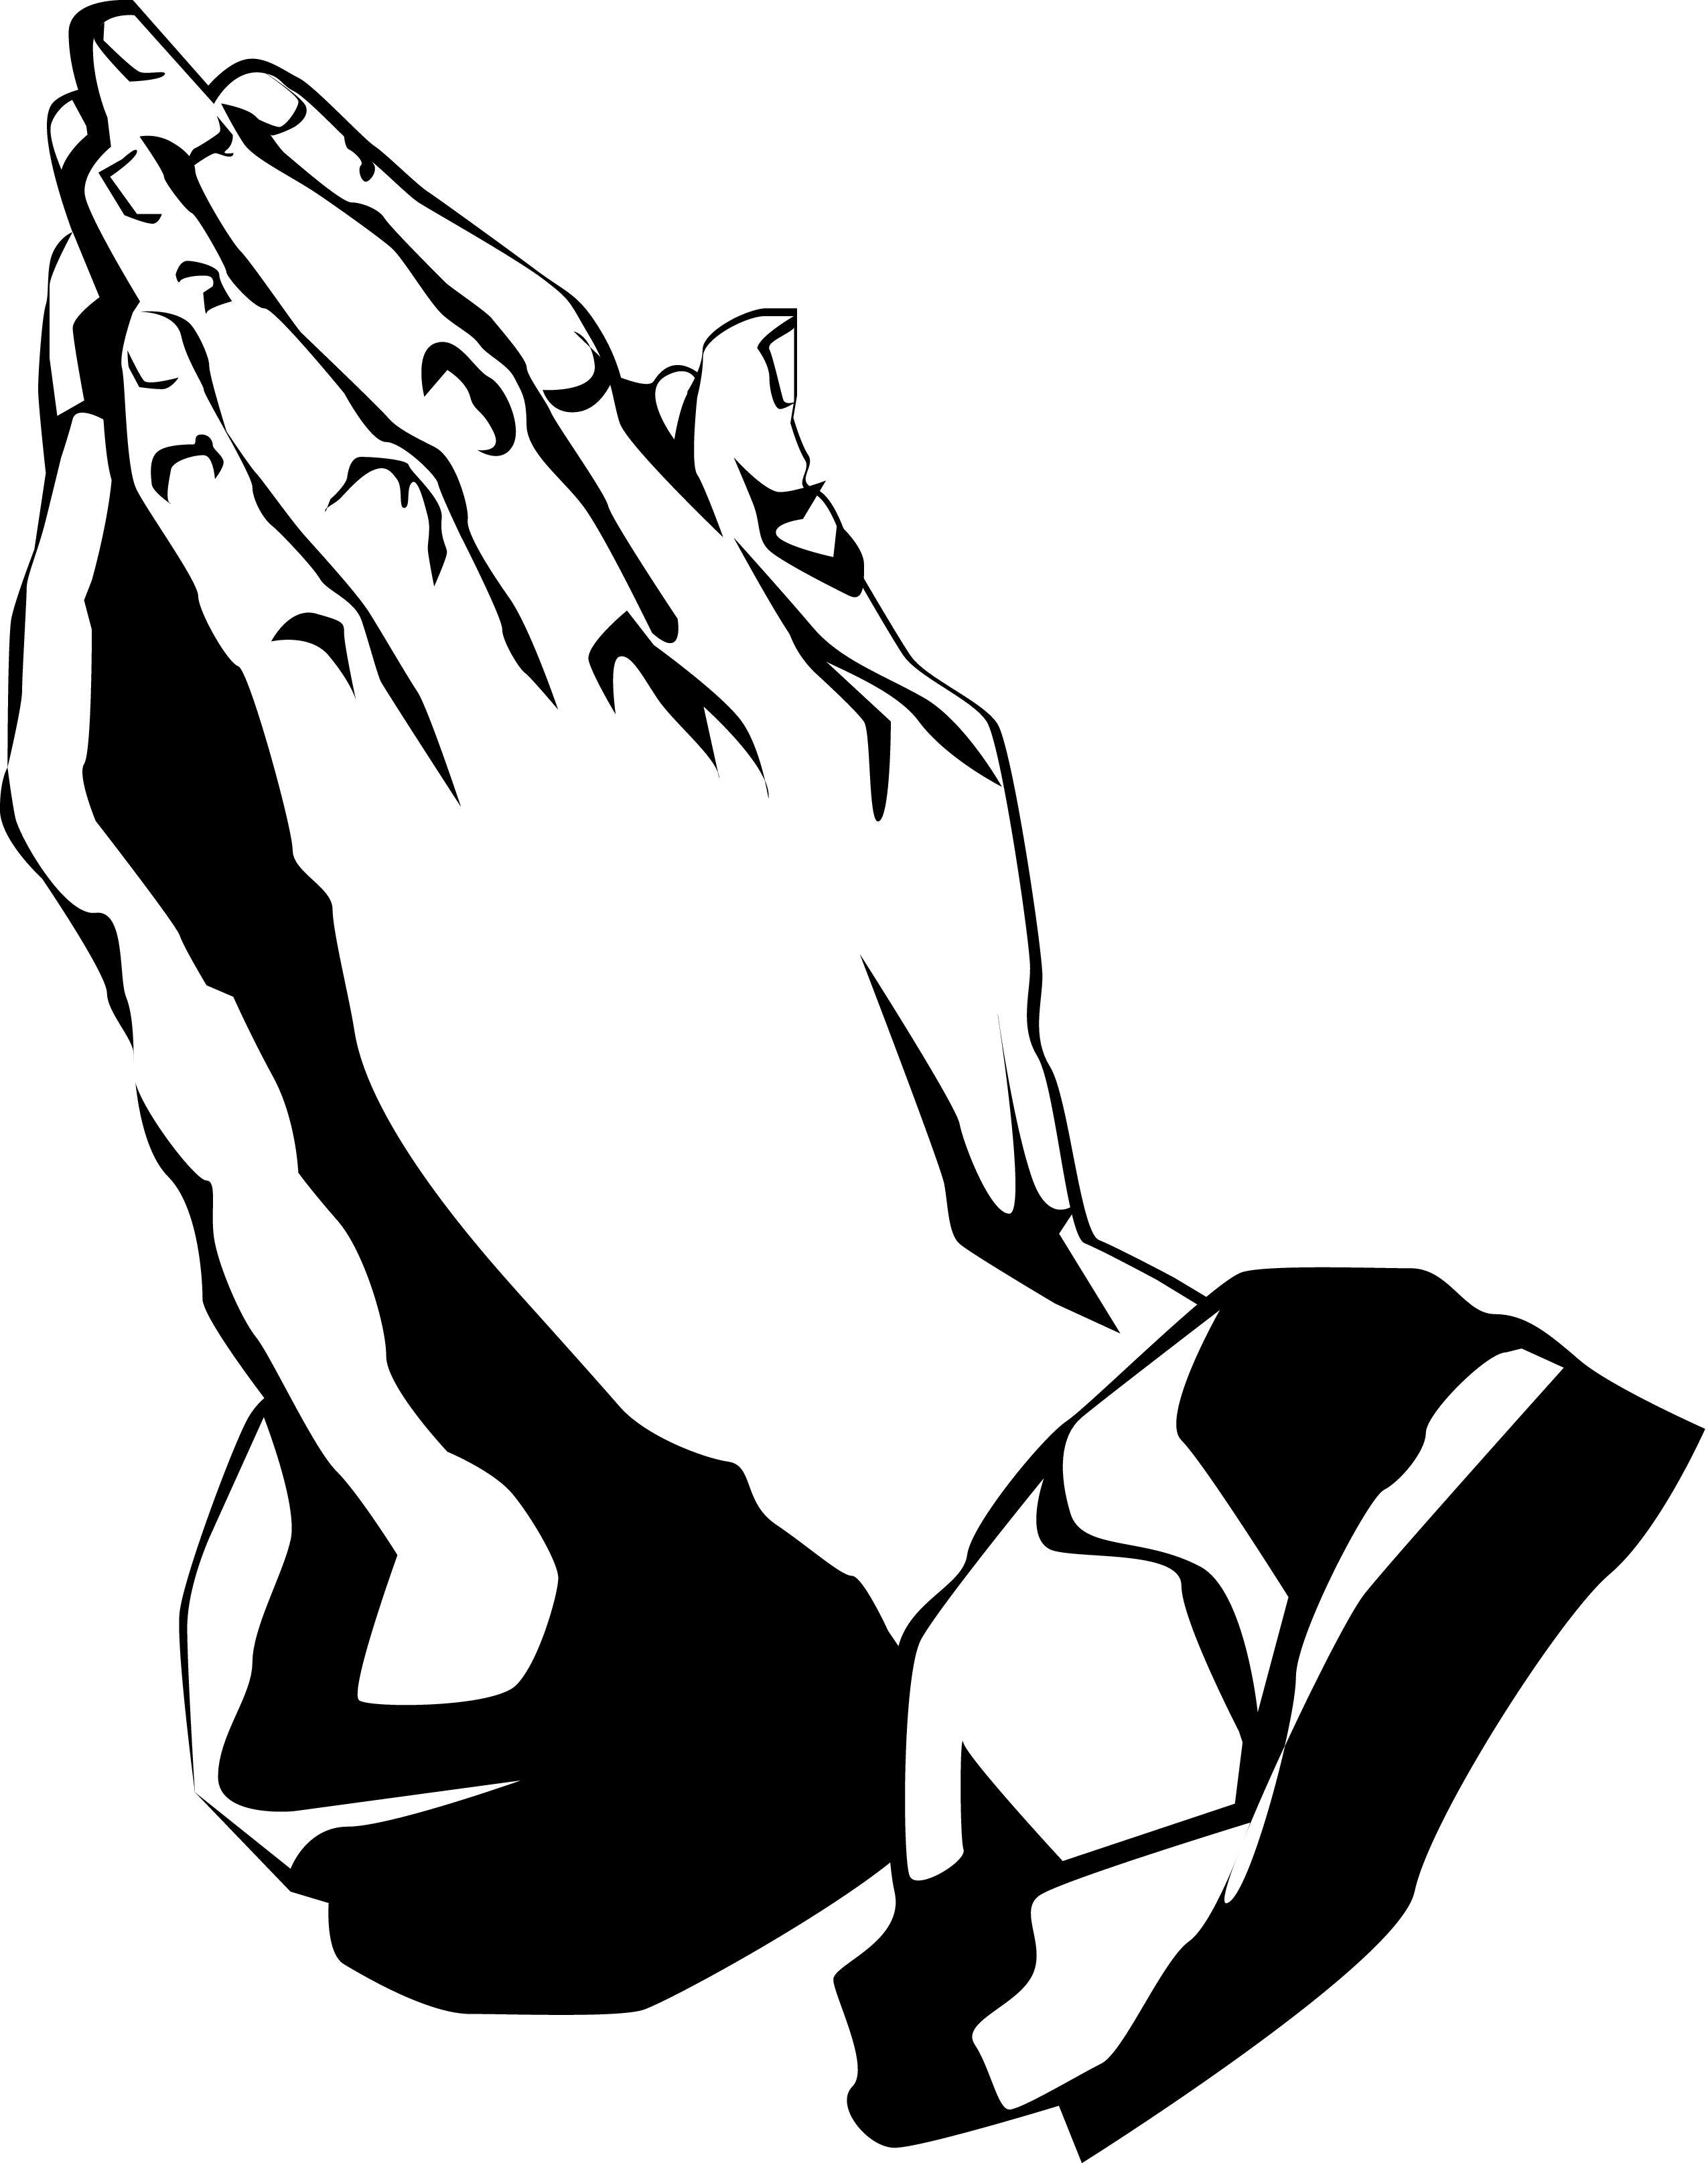 Prayer Hands Clipart Clipart Panda Free -Prayer Hands Clipart Clipart Panda Free Clipart Images-5